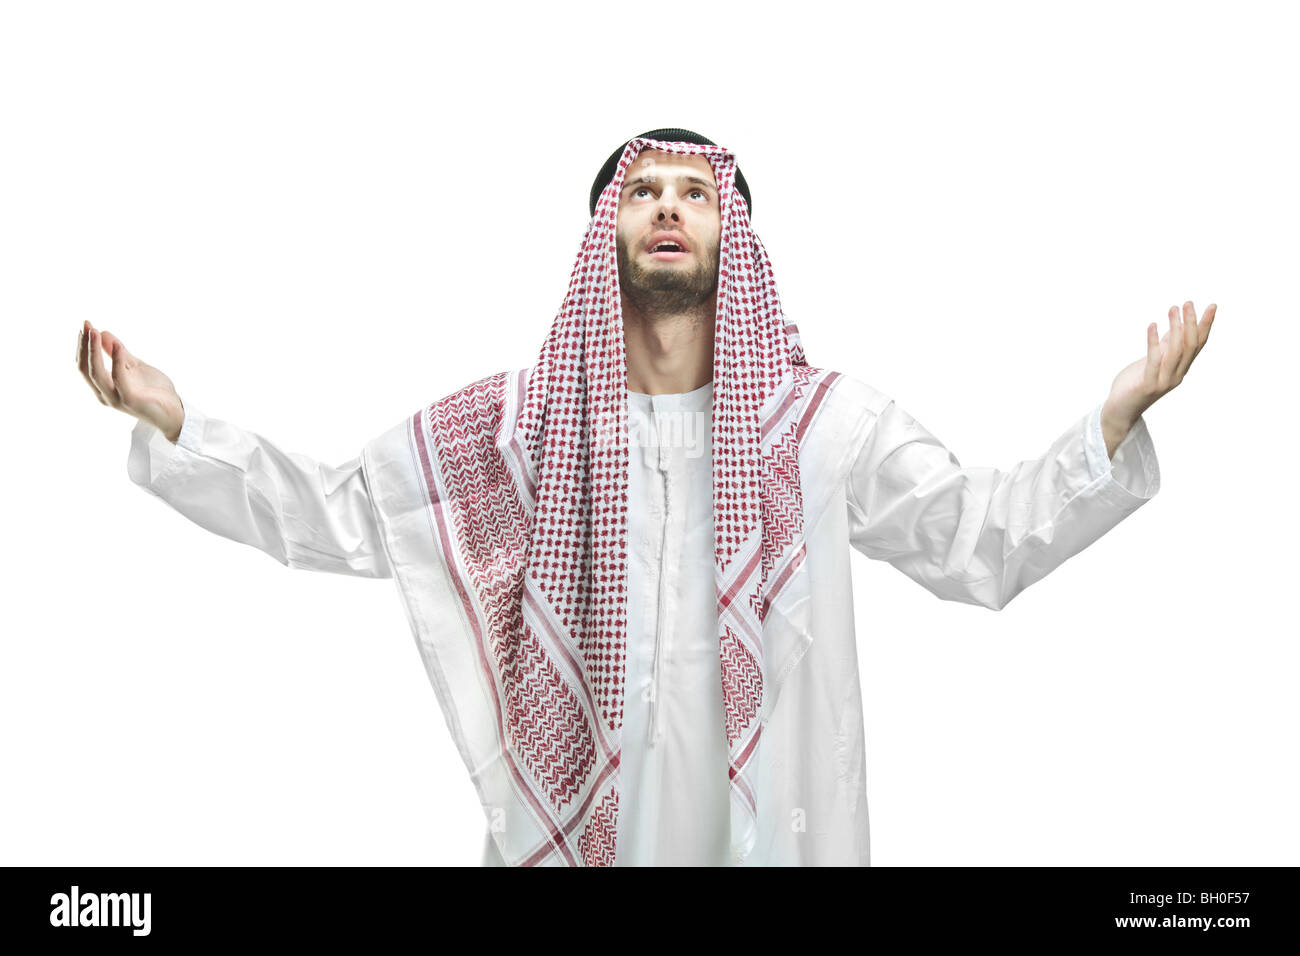 Arabic man praying, isolated on white background - Stock Image